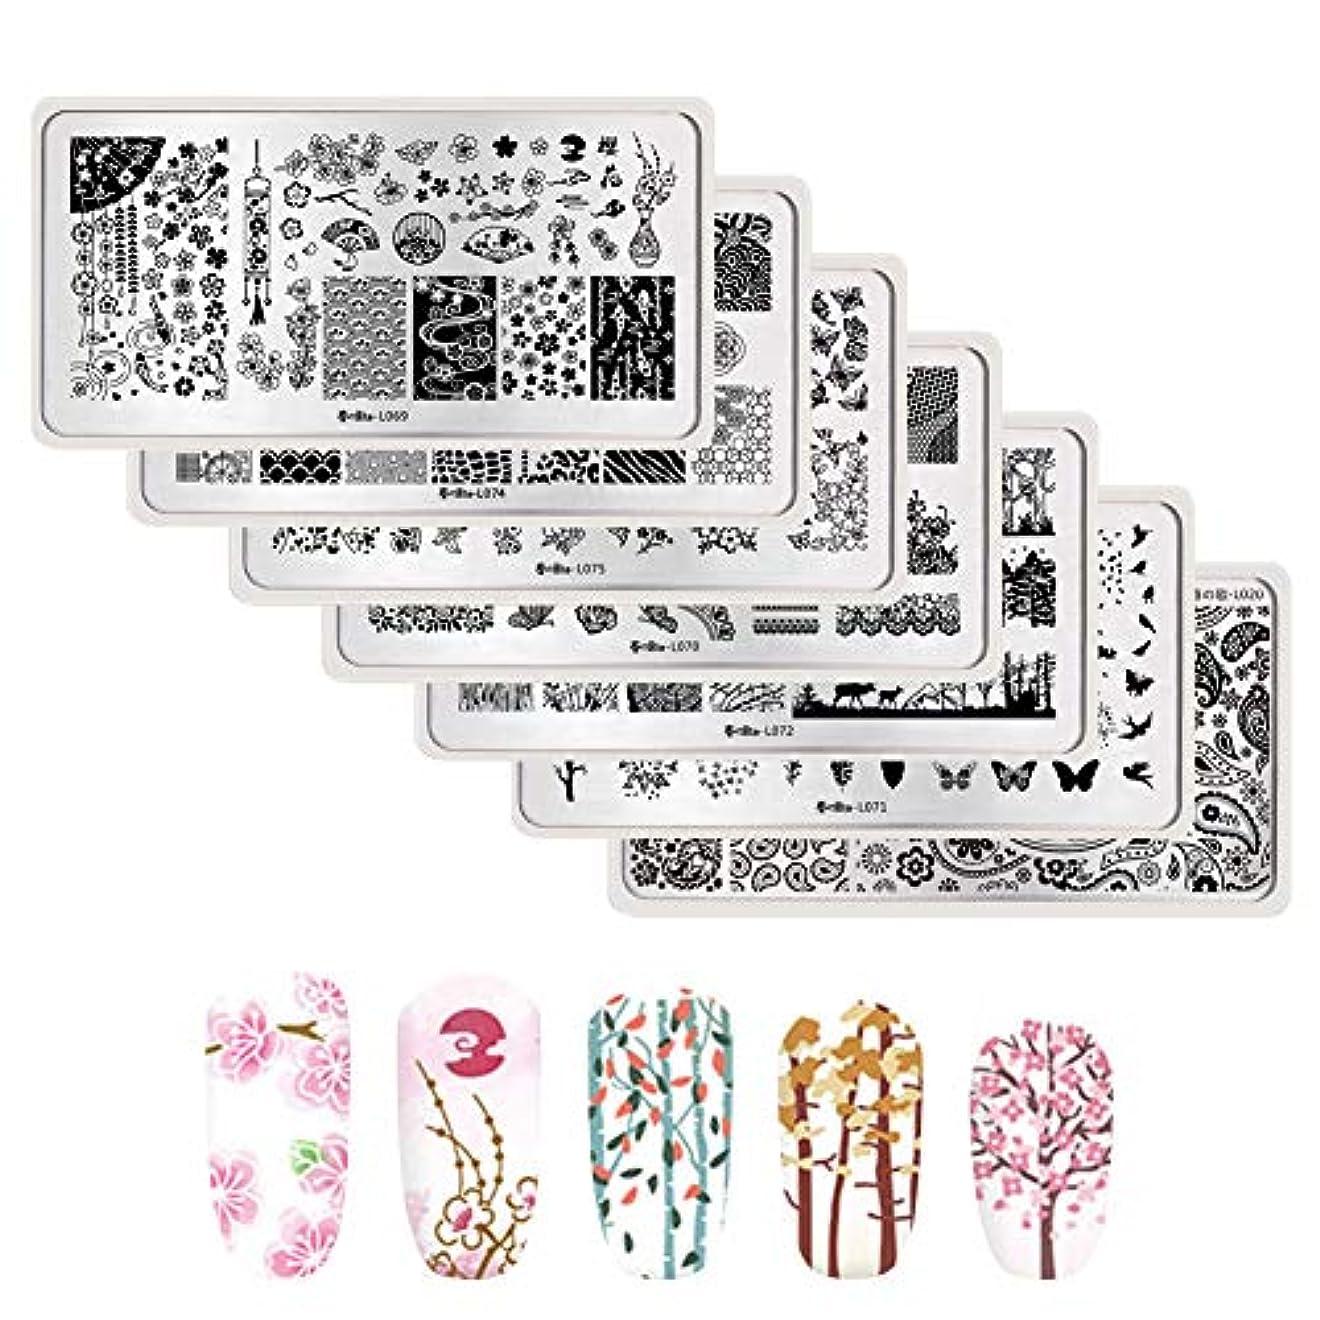 電卓接続哲学春の歌 スタンプネイルプレート 7枚セット ネイルプレート 和柄 花 レース スタンピングプレート スタンピングネイル 12cm*6cm (花 7枚セット)